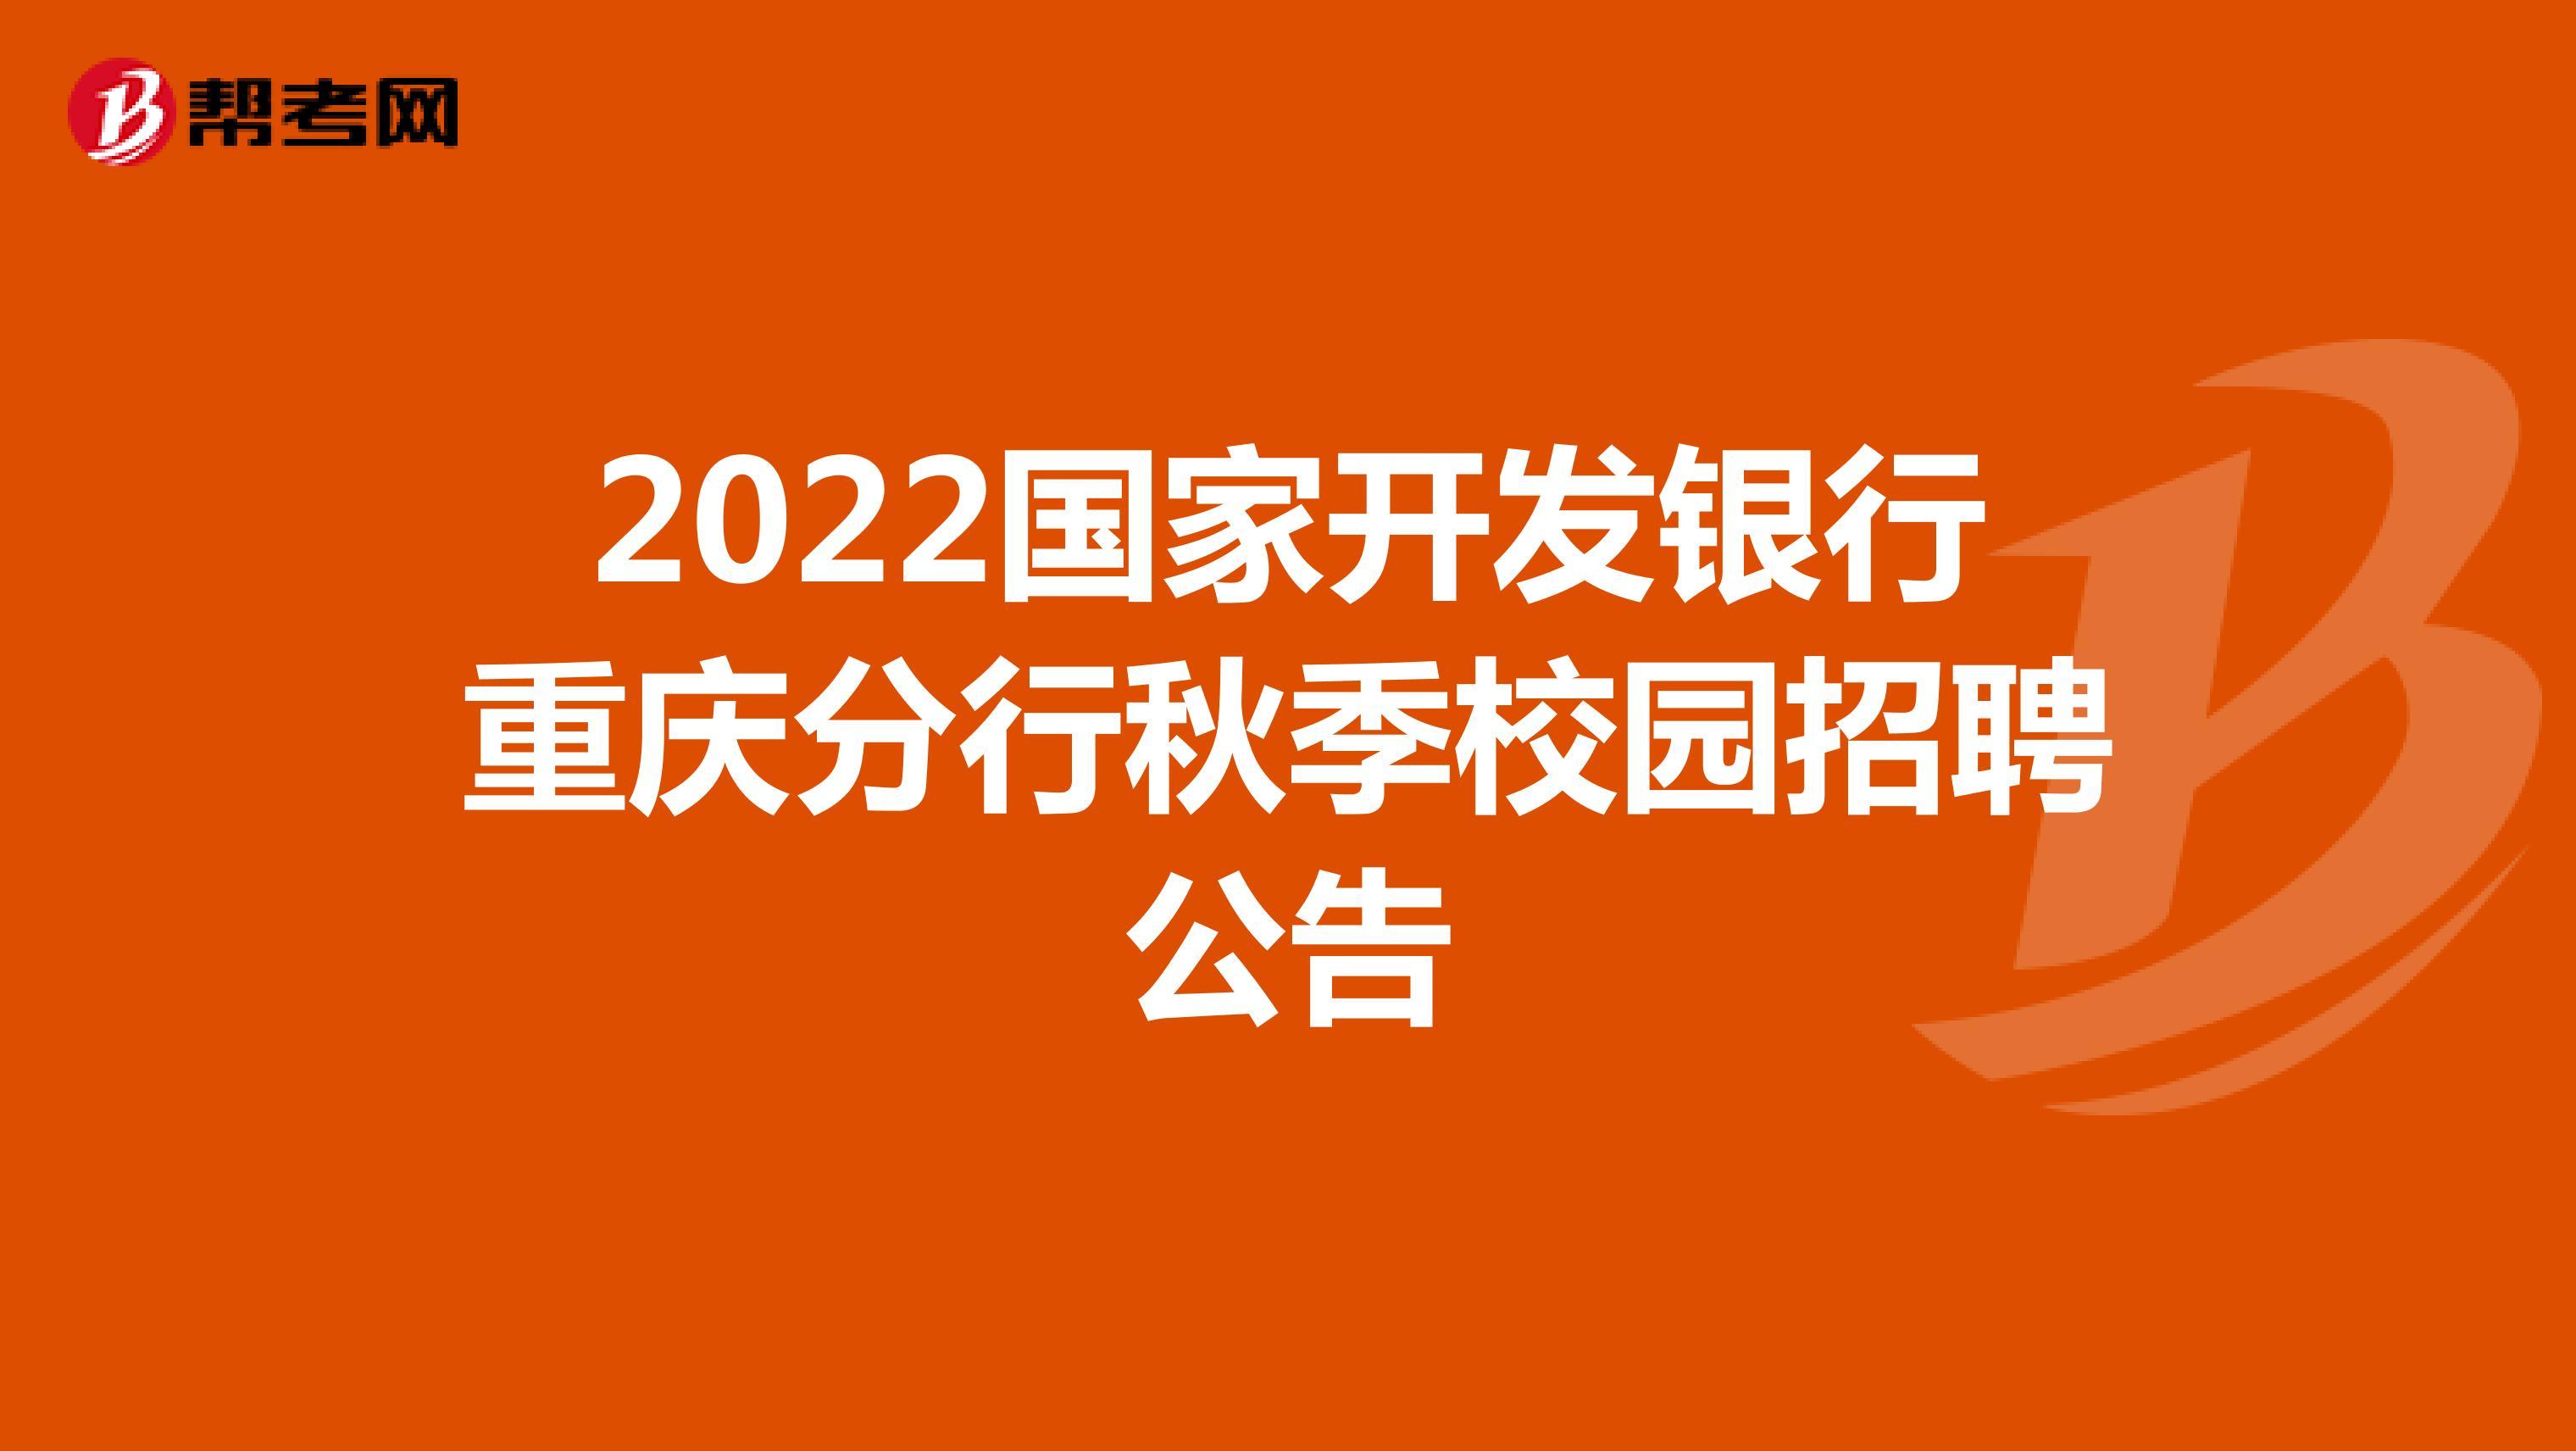 2022国家开发银行重庆分行秋季校园招聘公告